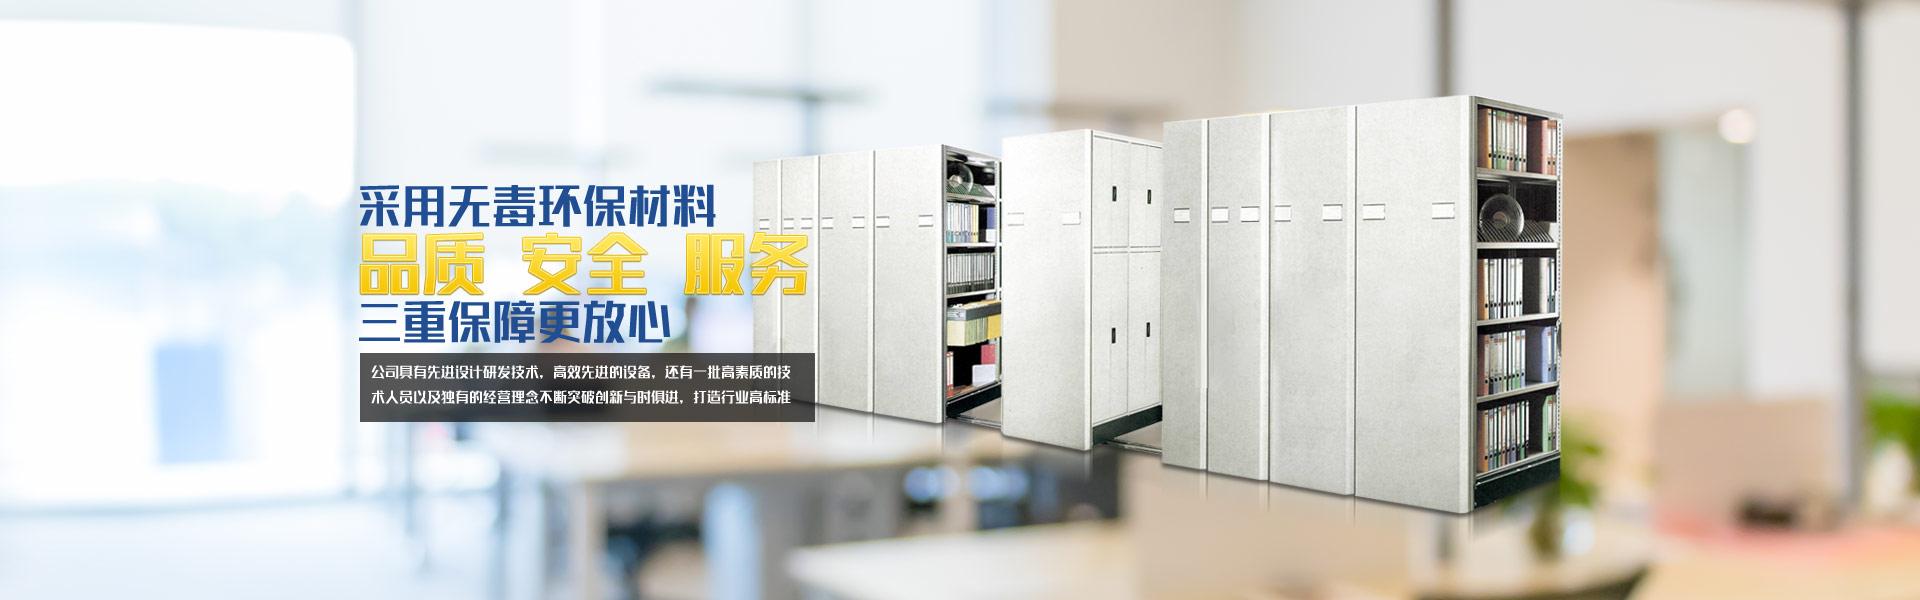 专业设计团dui,趣赢登陆注册新潮流;